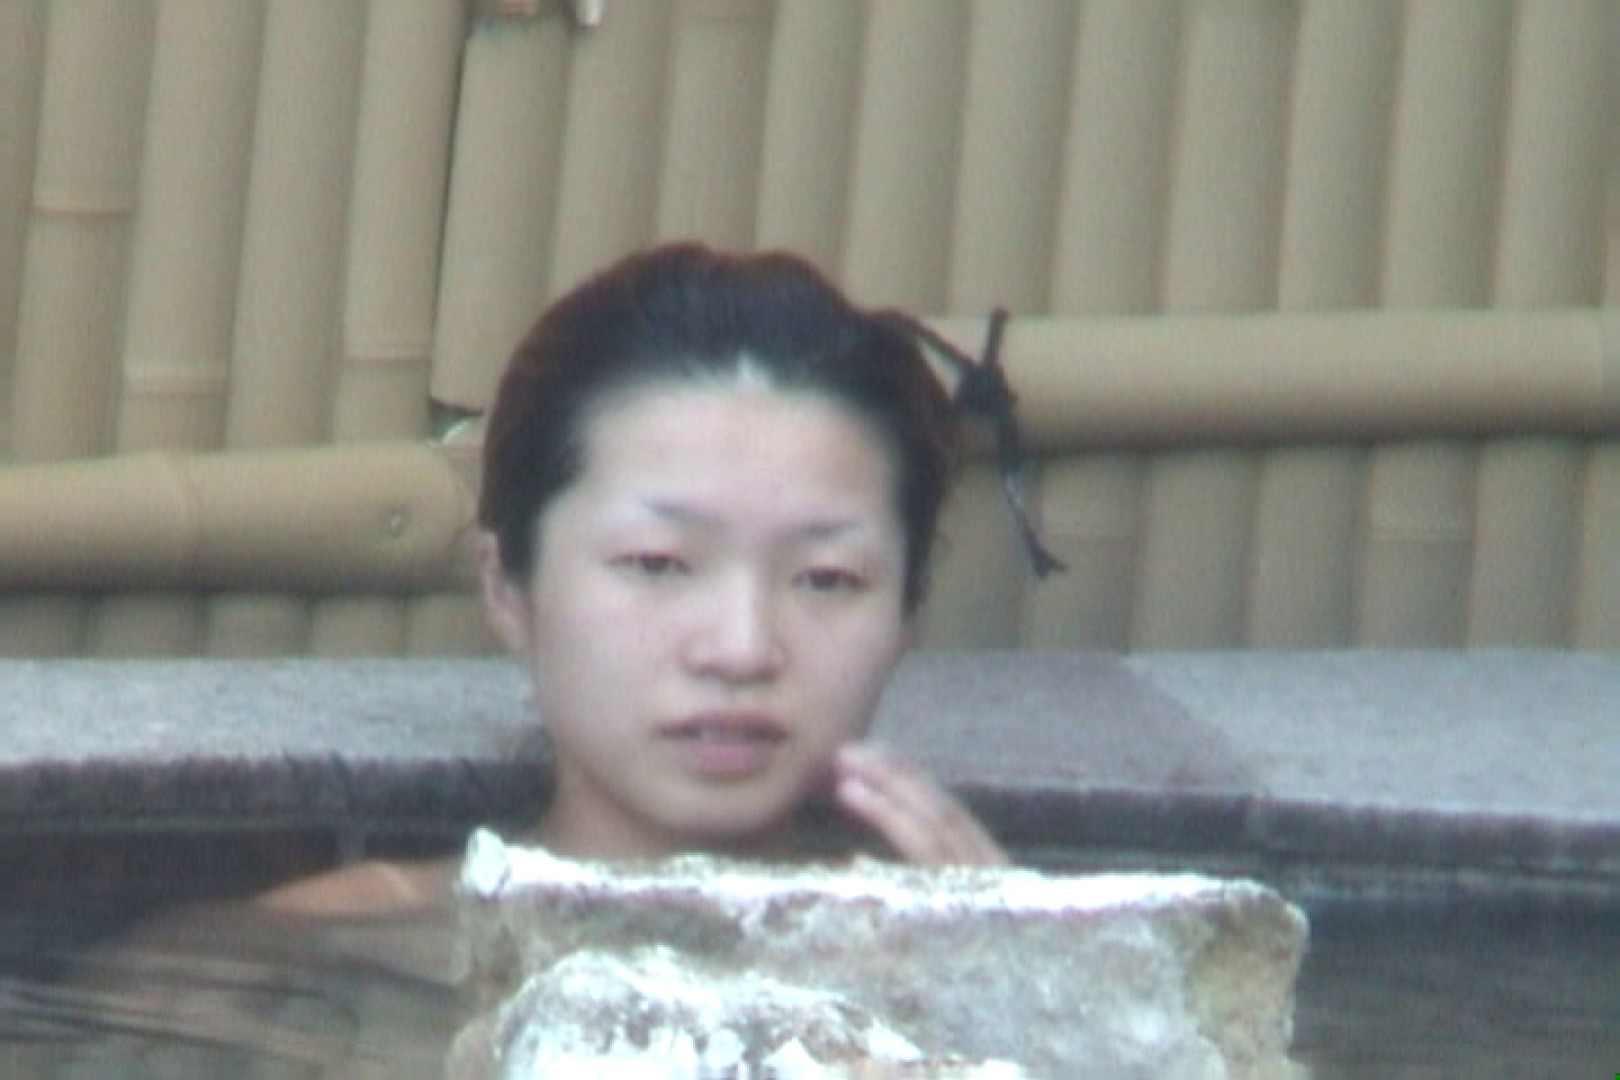 Aquaな露天風呂Vol.571 OLすけべ画像 ヌード画像 81連発 23